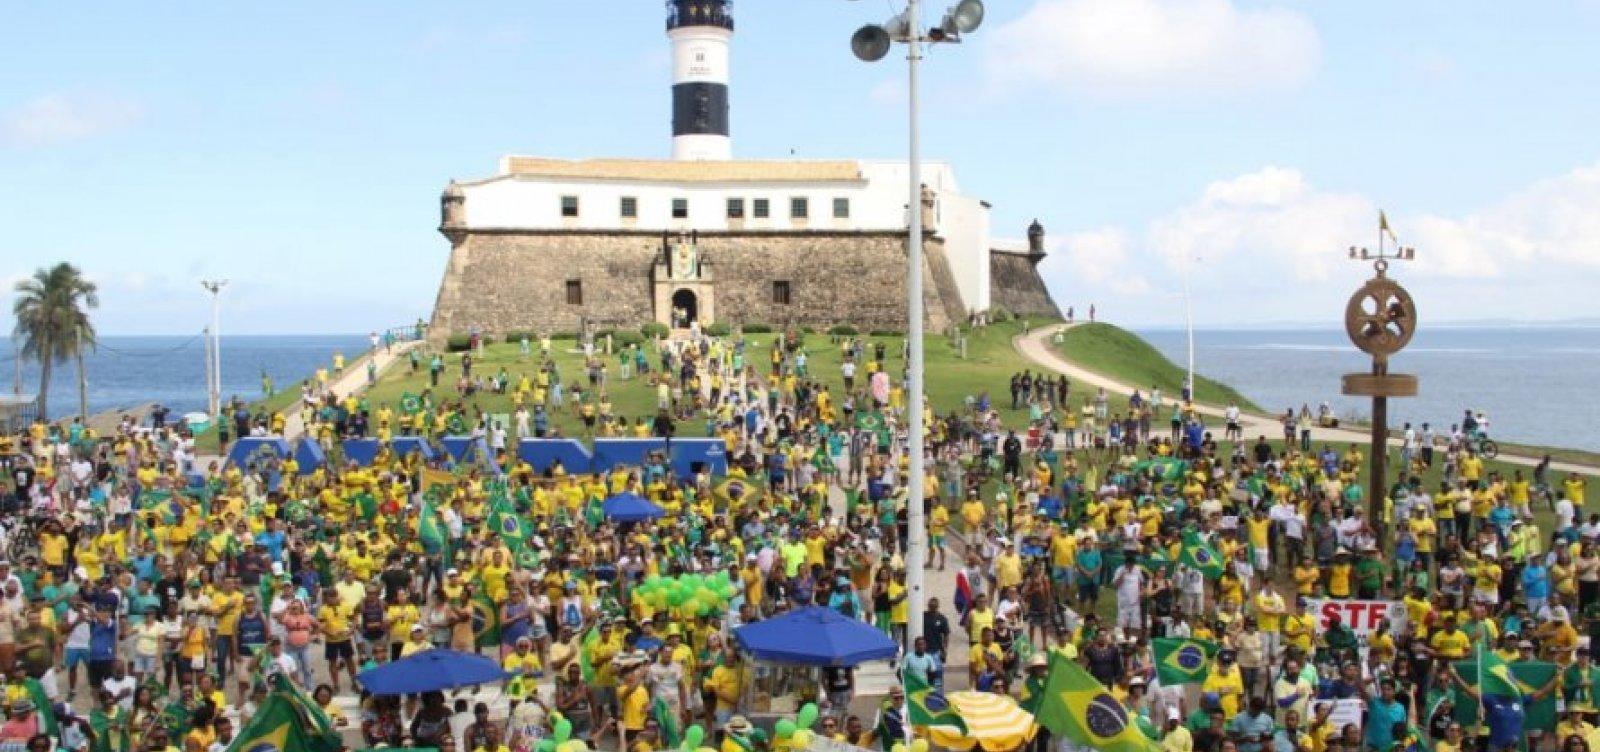 Grupos pró-Bolsonaro acusam prefeitura de 'censura' ao impedir desfile de trio